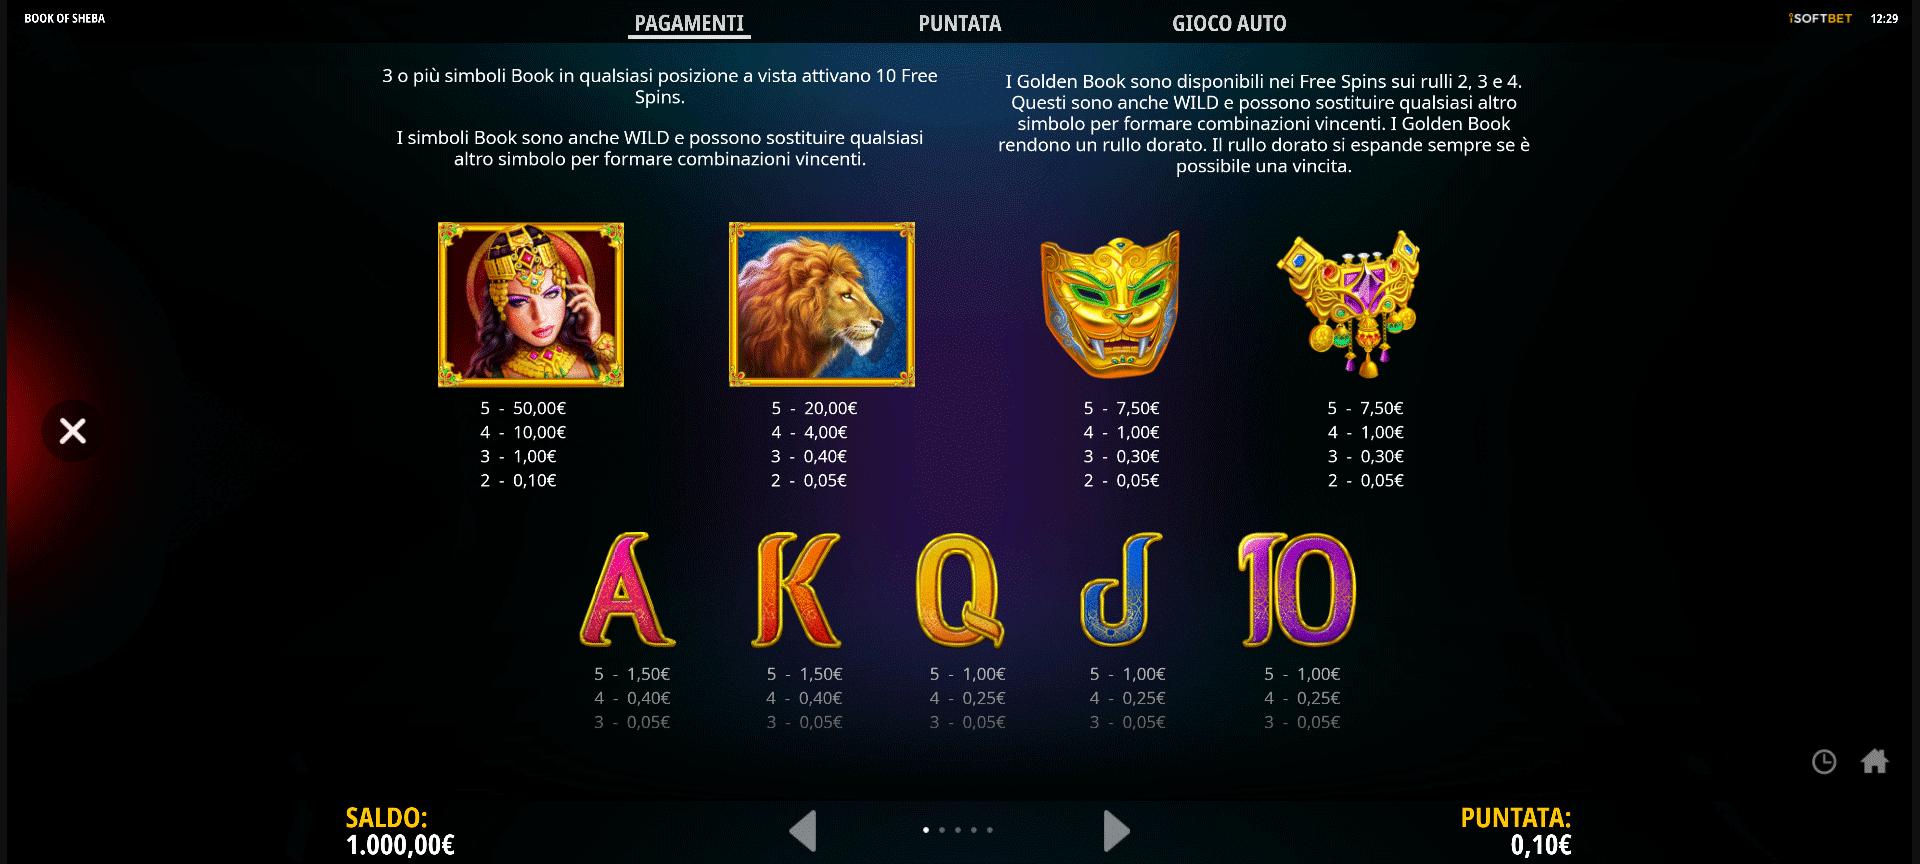 tabella dei pagamenti della slot online book of sheba